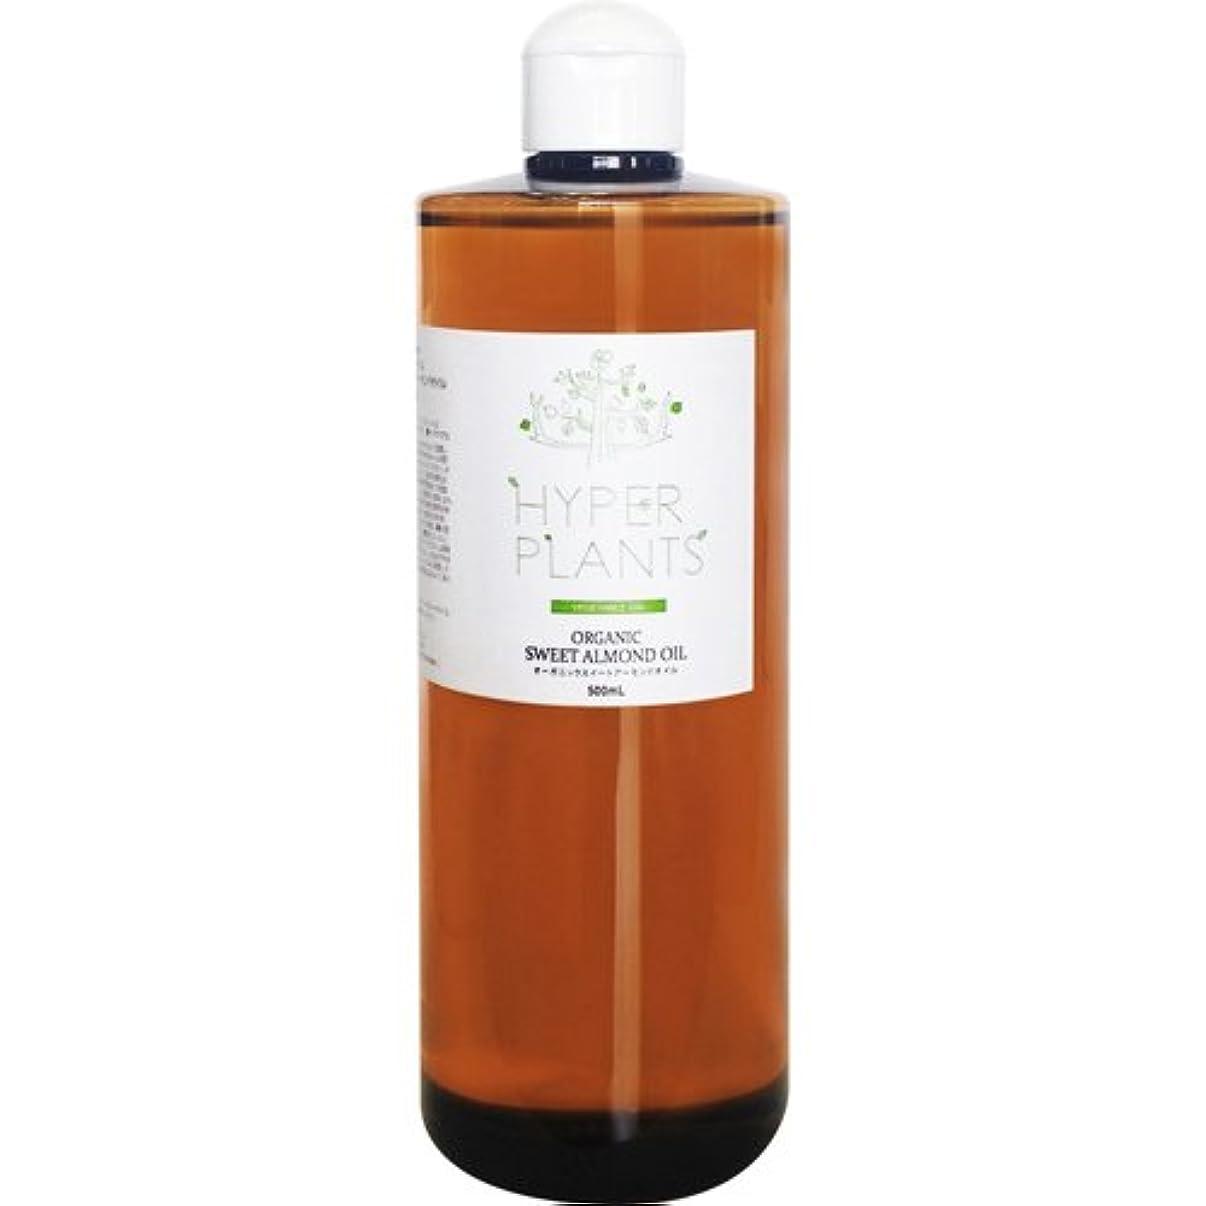 驚いた使役同意するHYPER PLANTS ハイパープランツ キャリアオイル オーガニックスイートアーモンドオイル 500ml HVG055